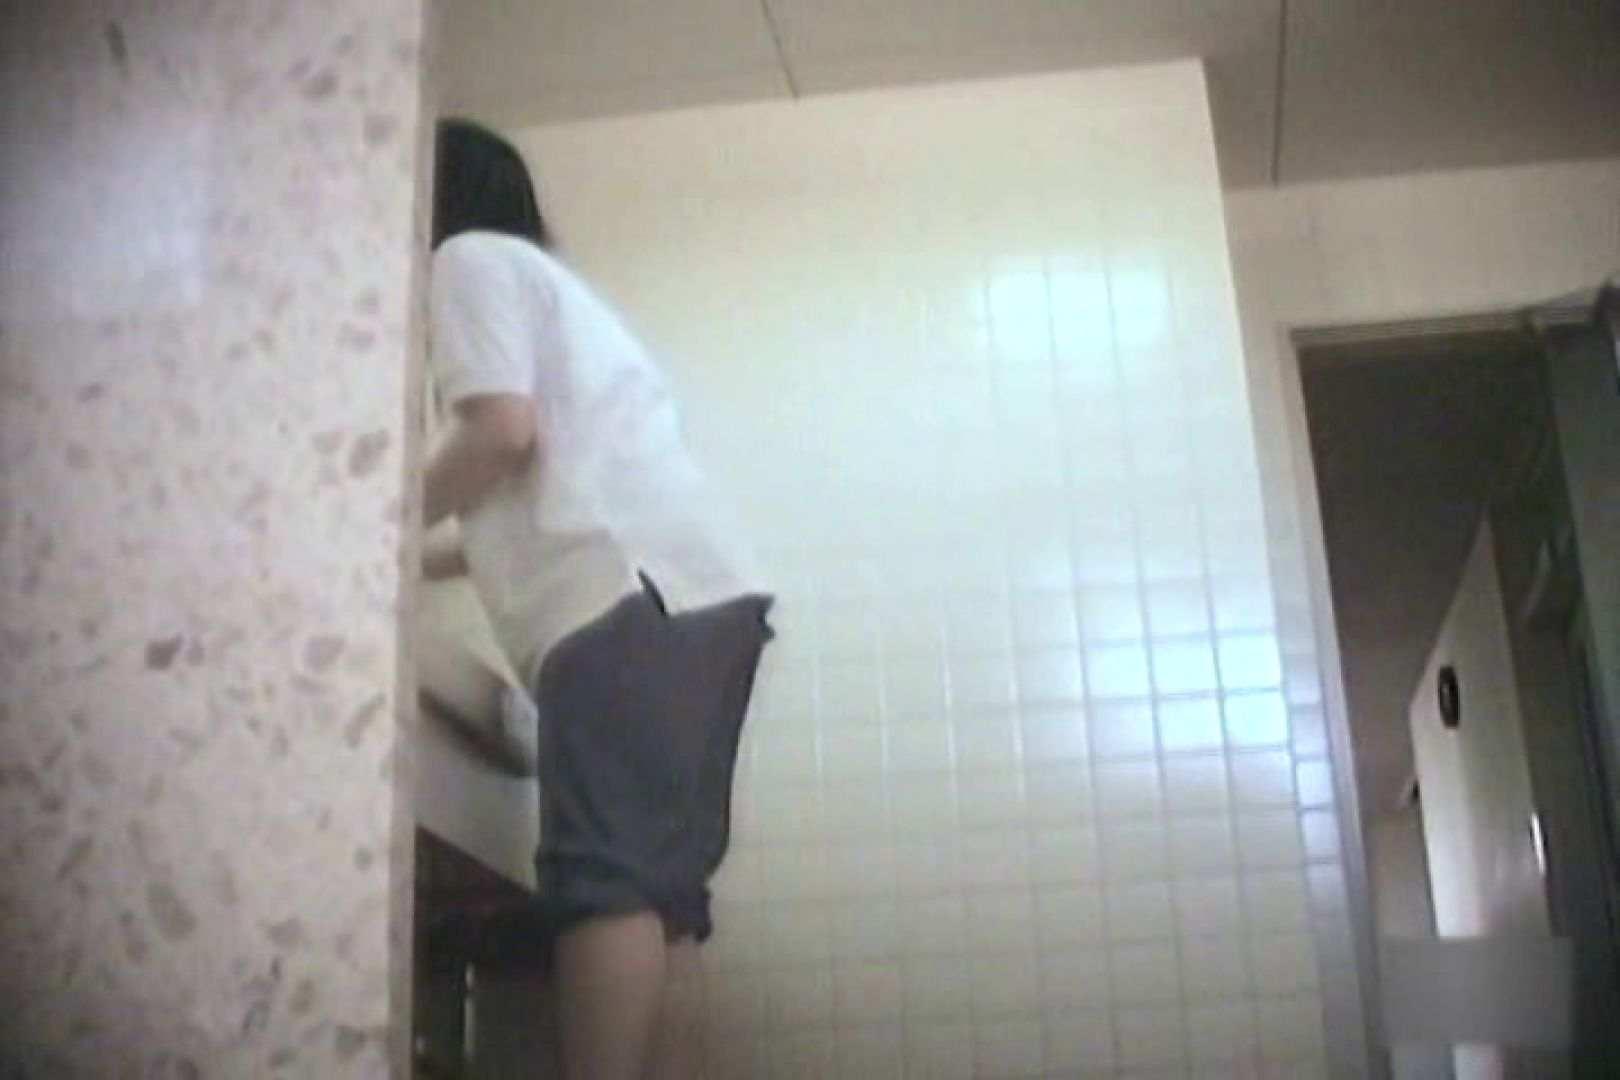 突撃!!看護学校女子洗面所!!Vol.7 学校潜伏 のぞきおめこ無修正画像 80pic 29